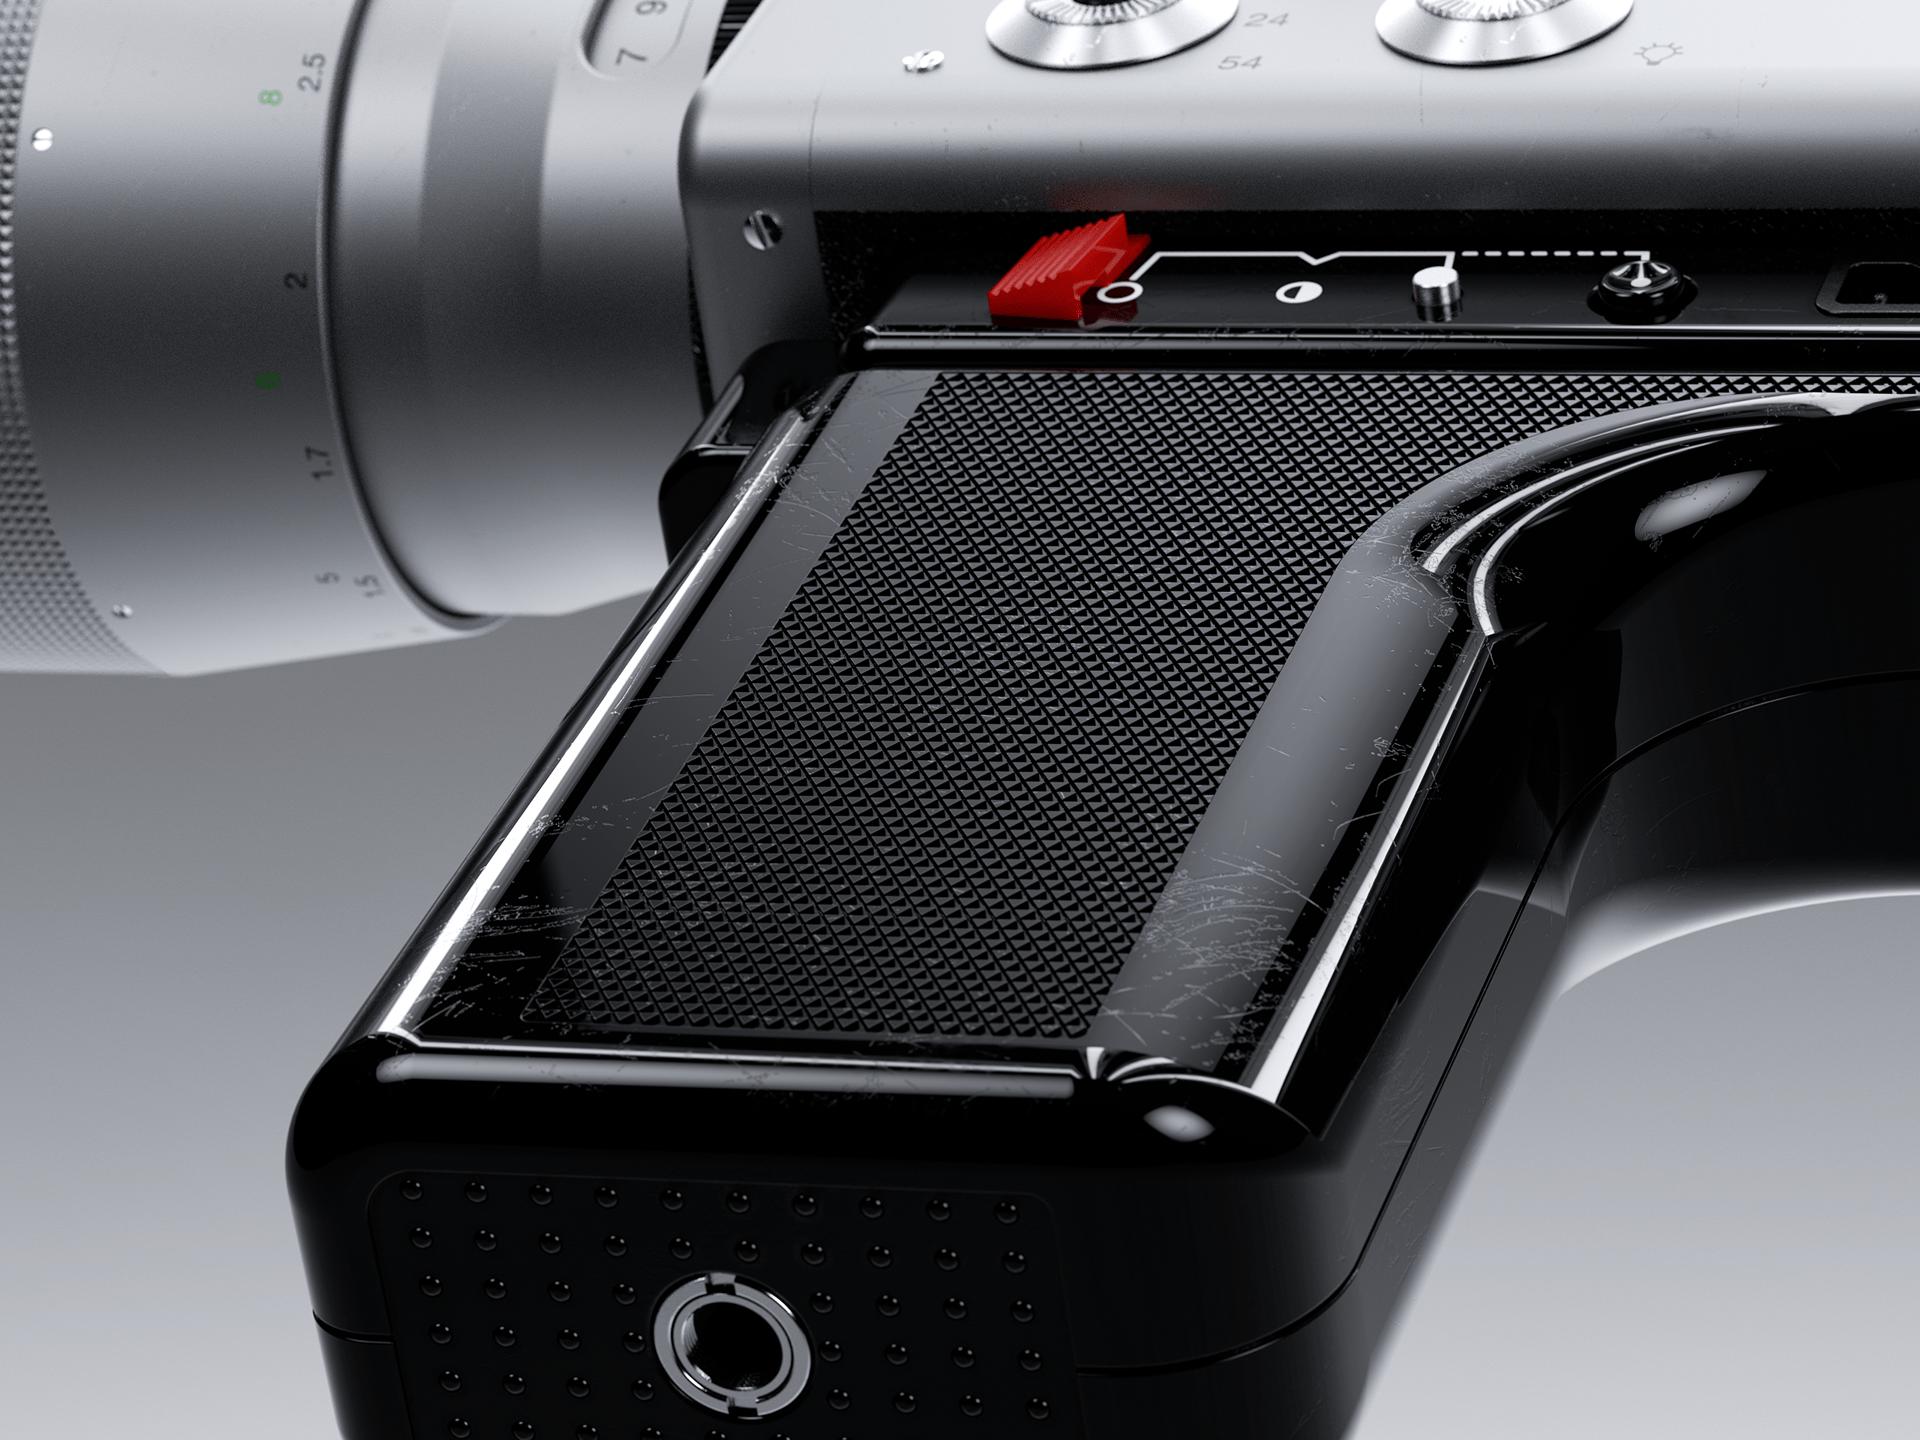 Nizo S 800 Braun Super 8 built-in 3D - Digital Art